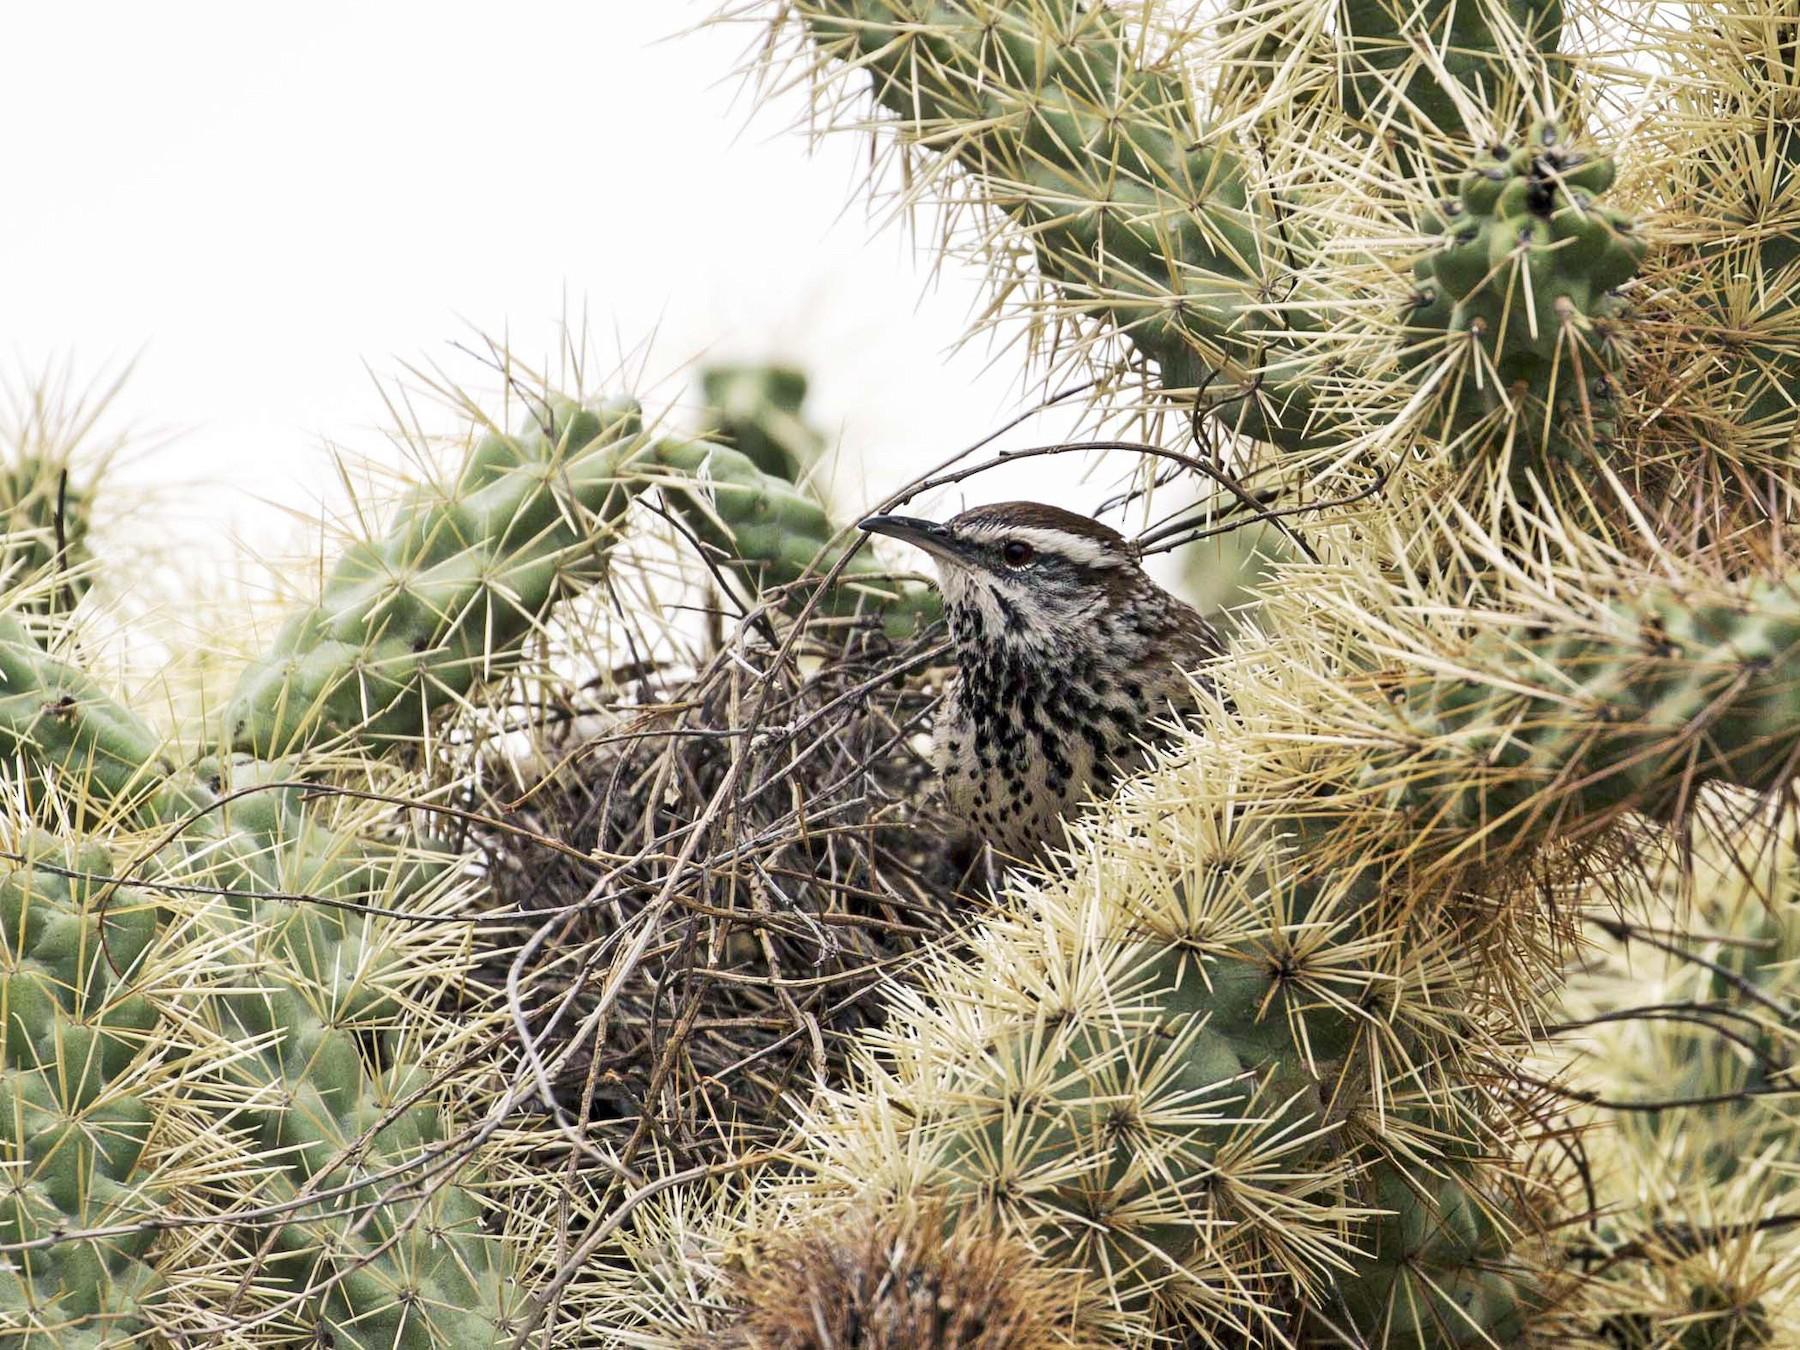 Cactus Wren - Douglas Bruns